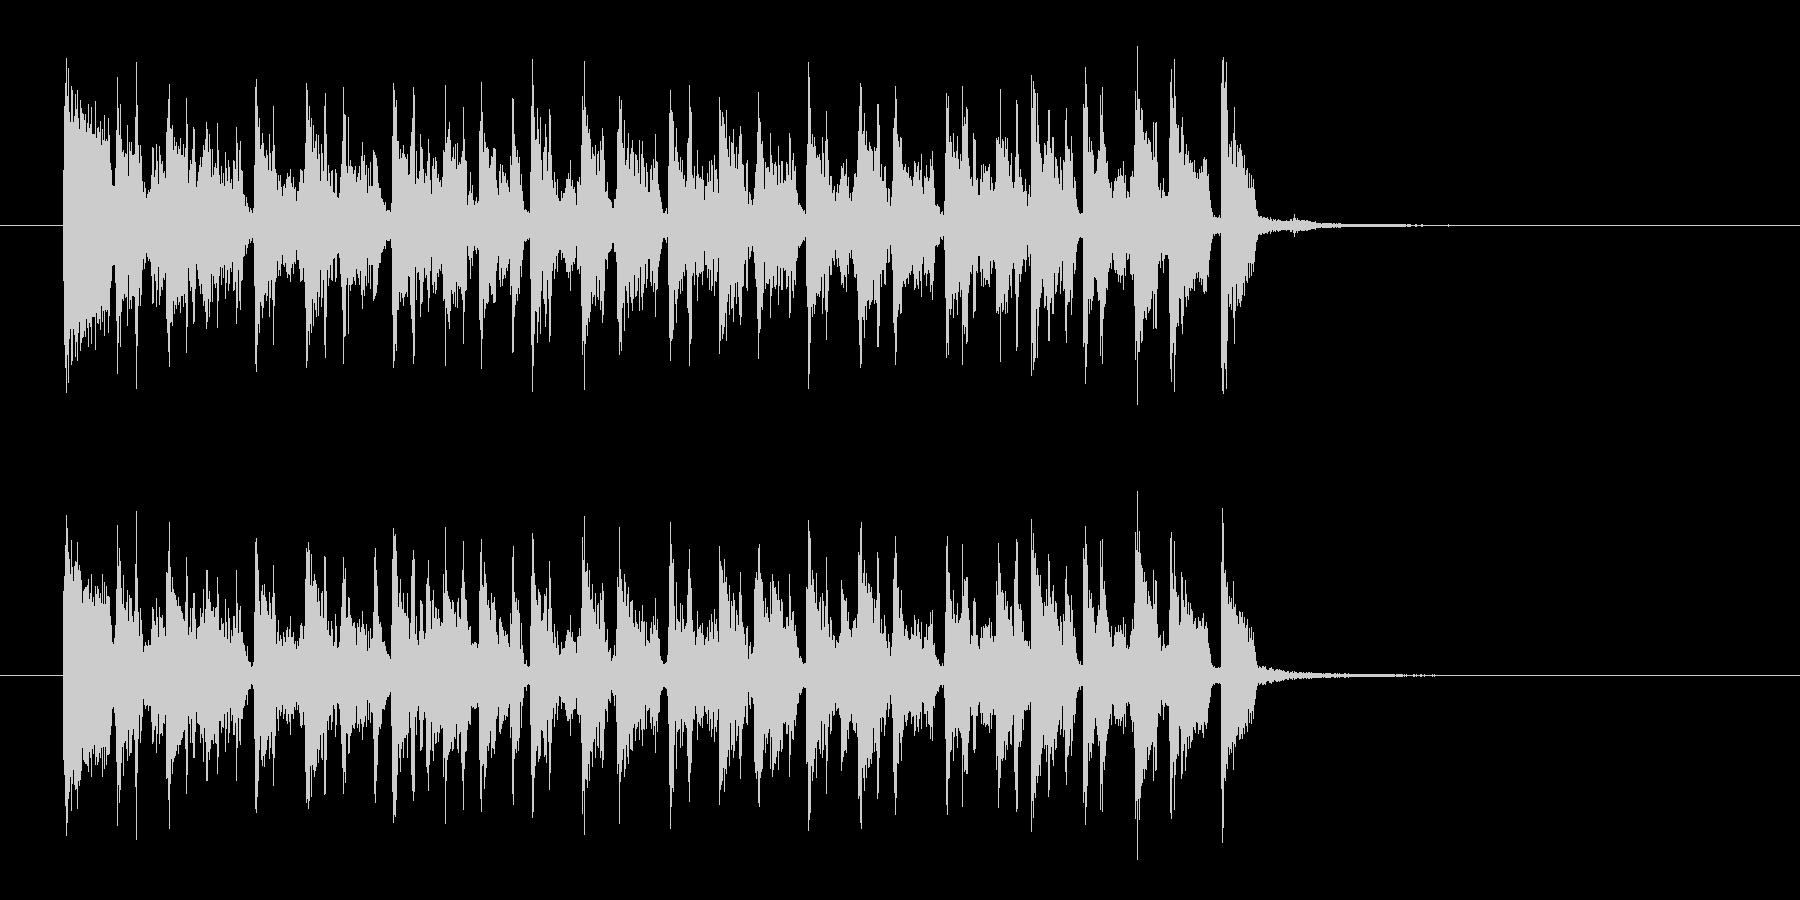 リズミカルで軽快な木琴ジングルの未再生の波形